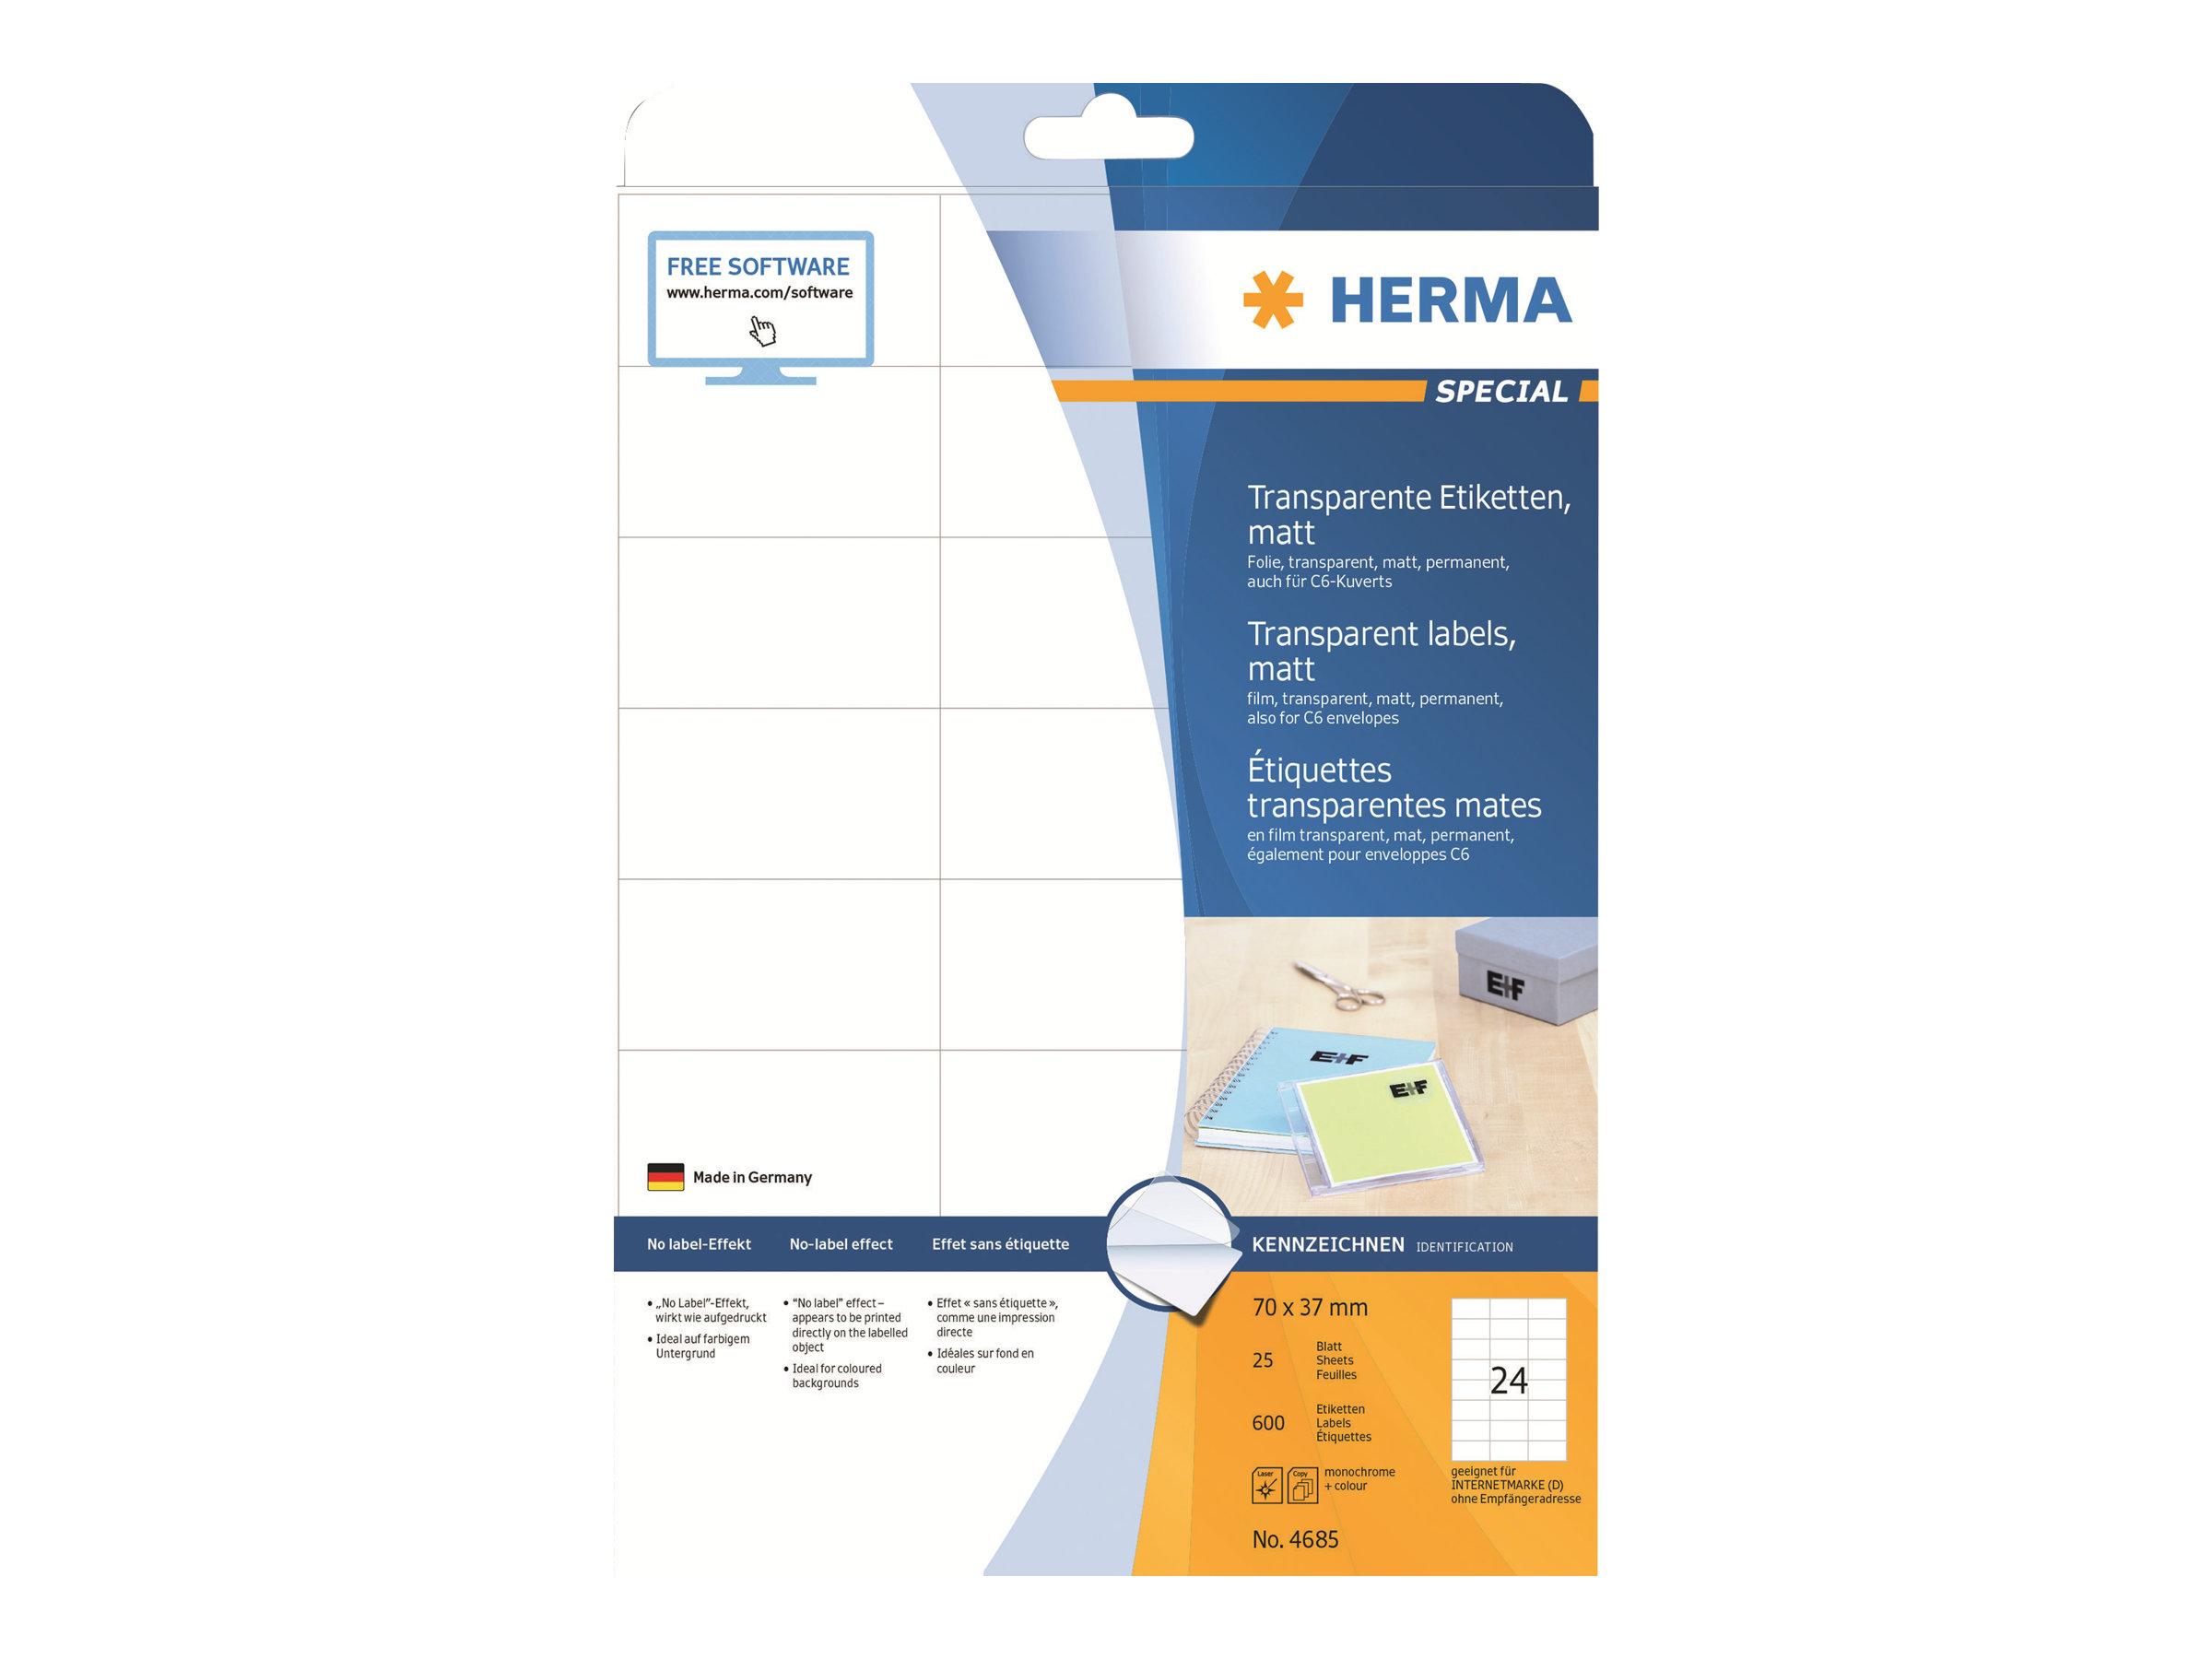 HERMA Special - Matt - permanent selbstklebend - durchsichtig - 70 x 37 mm 600 Etikett(en) (25 Bogen x 24)